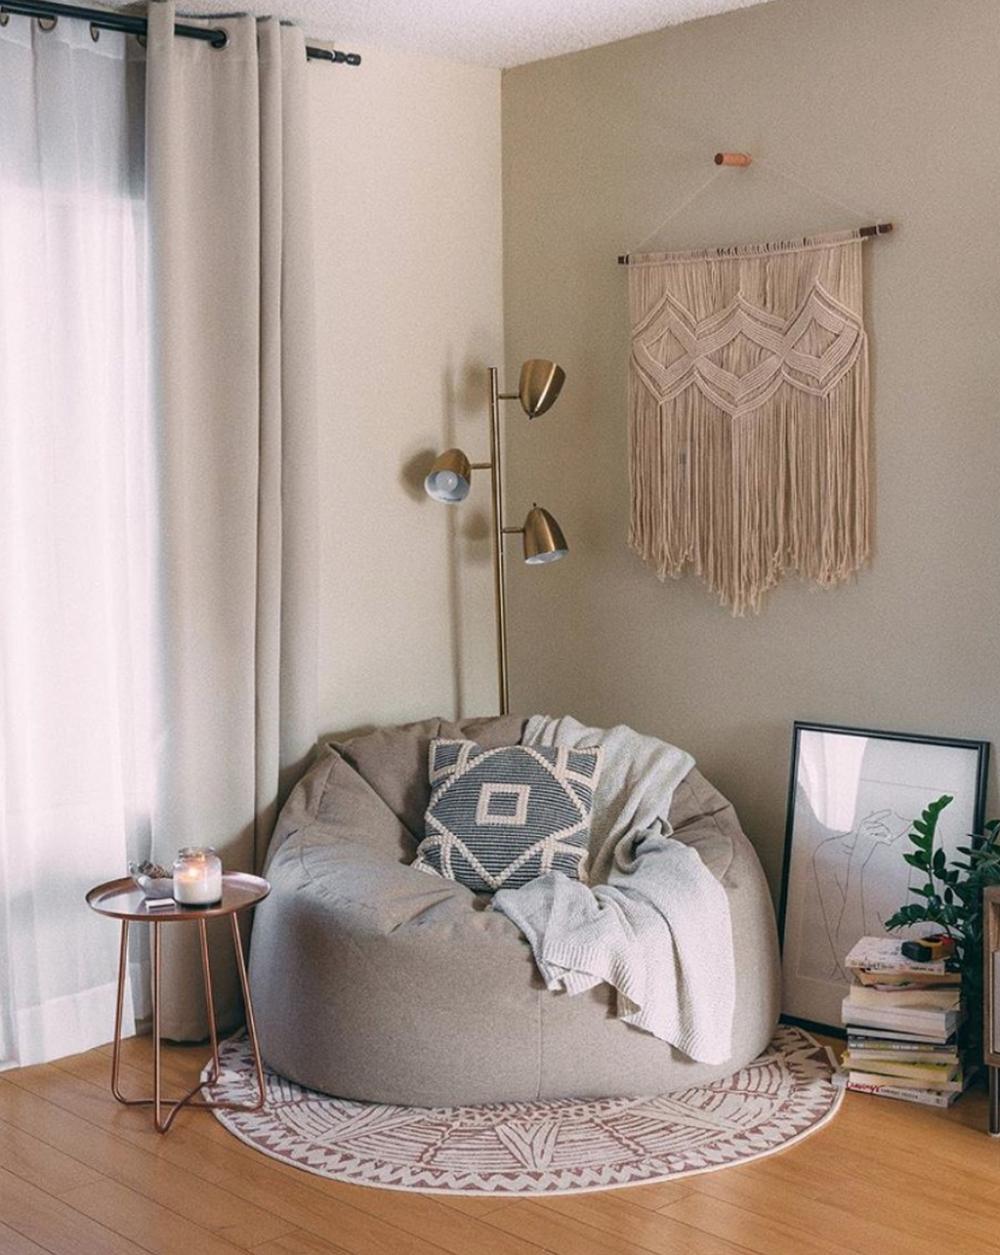 9 Ide Dekorasi Sudut Ruangan Biar Lebih Estetik, Cocok Jadi Spot Foto